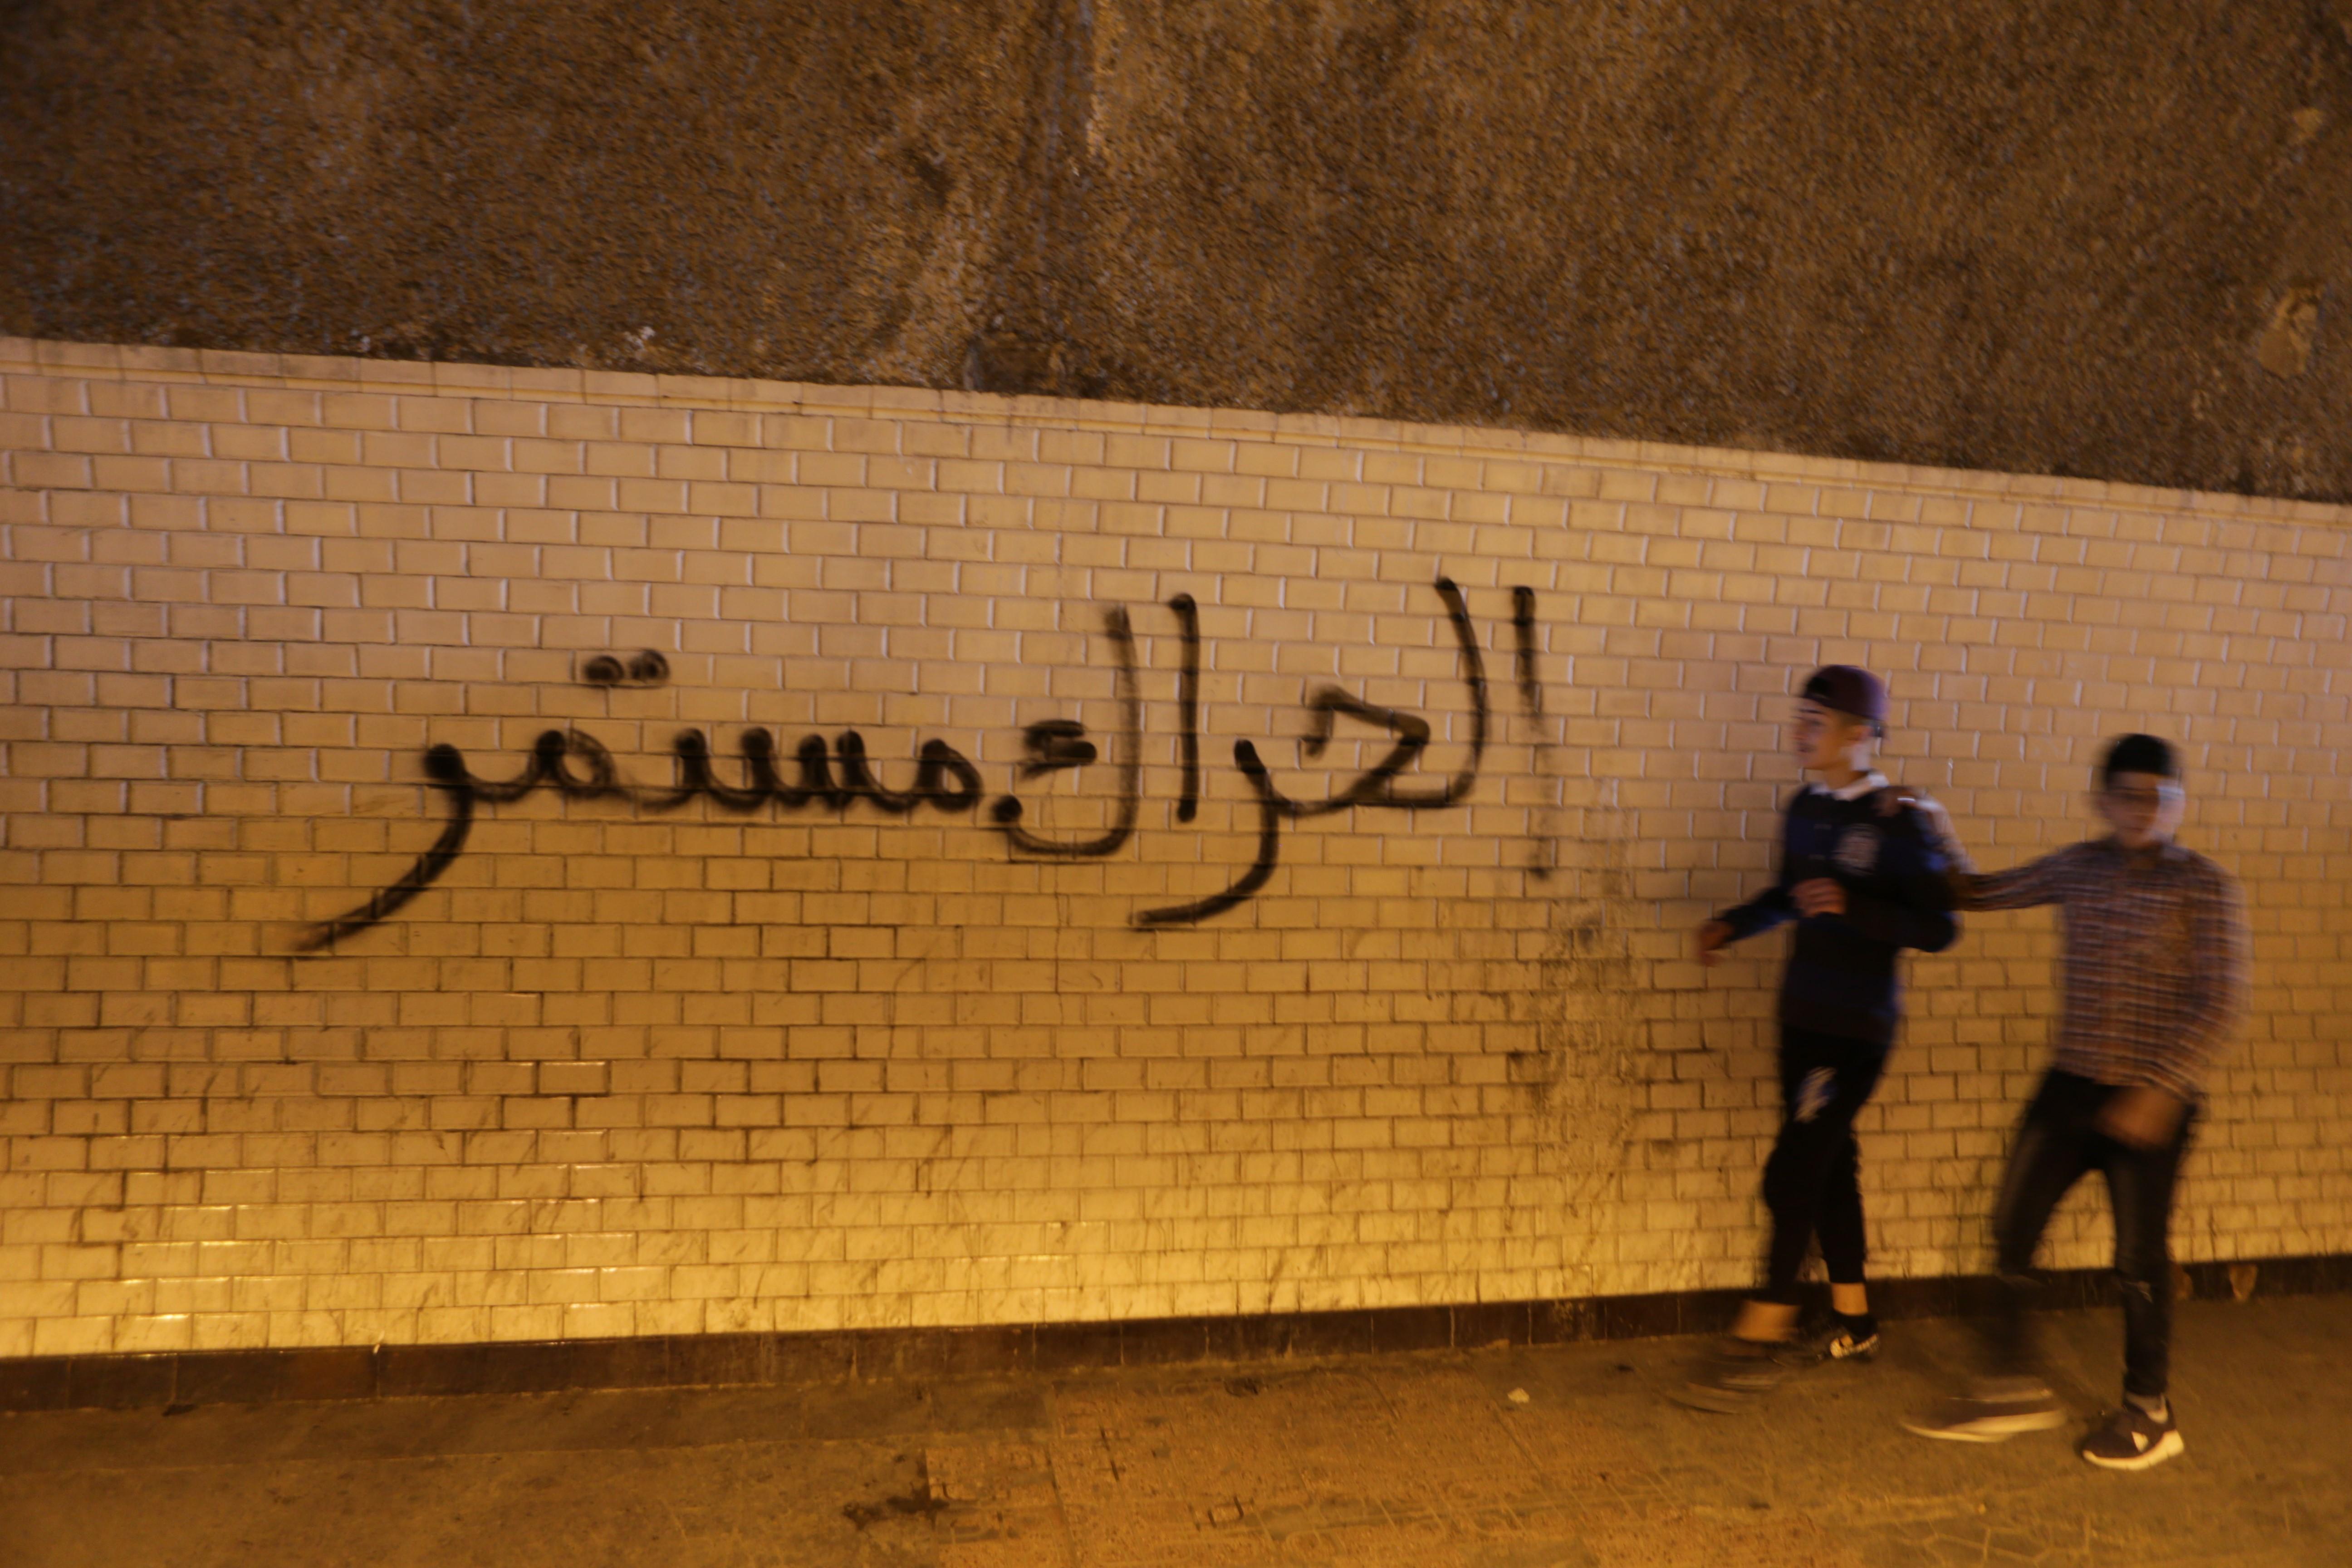 الحراك الجزائري مستمر منذ أزيد من 30 أسبوعًا